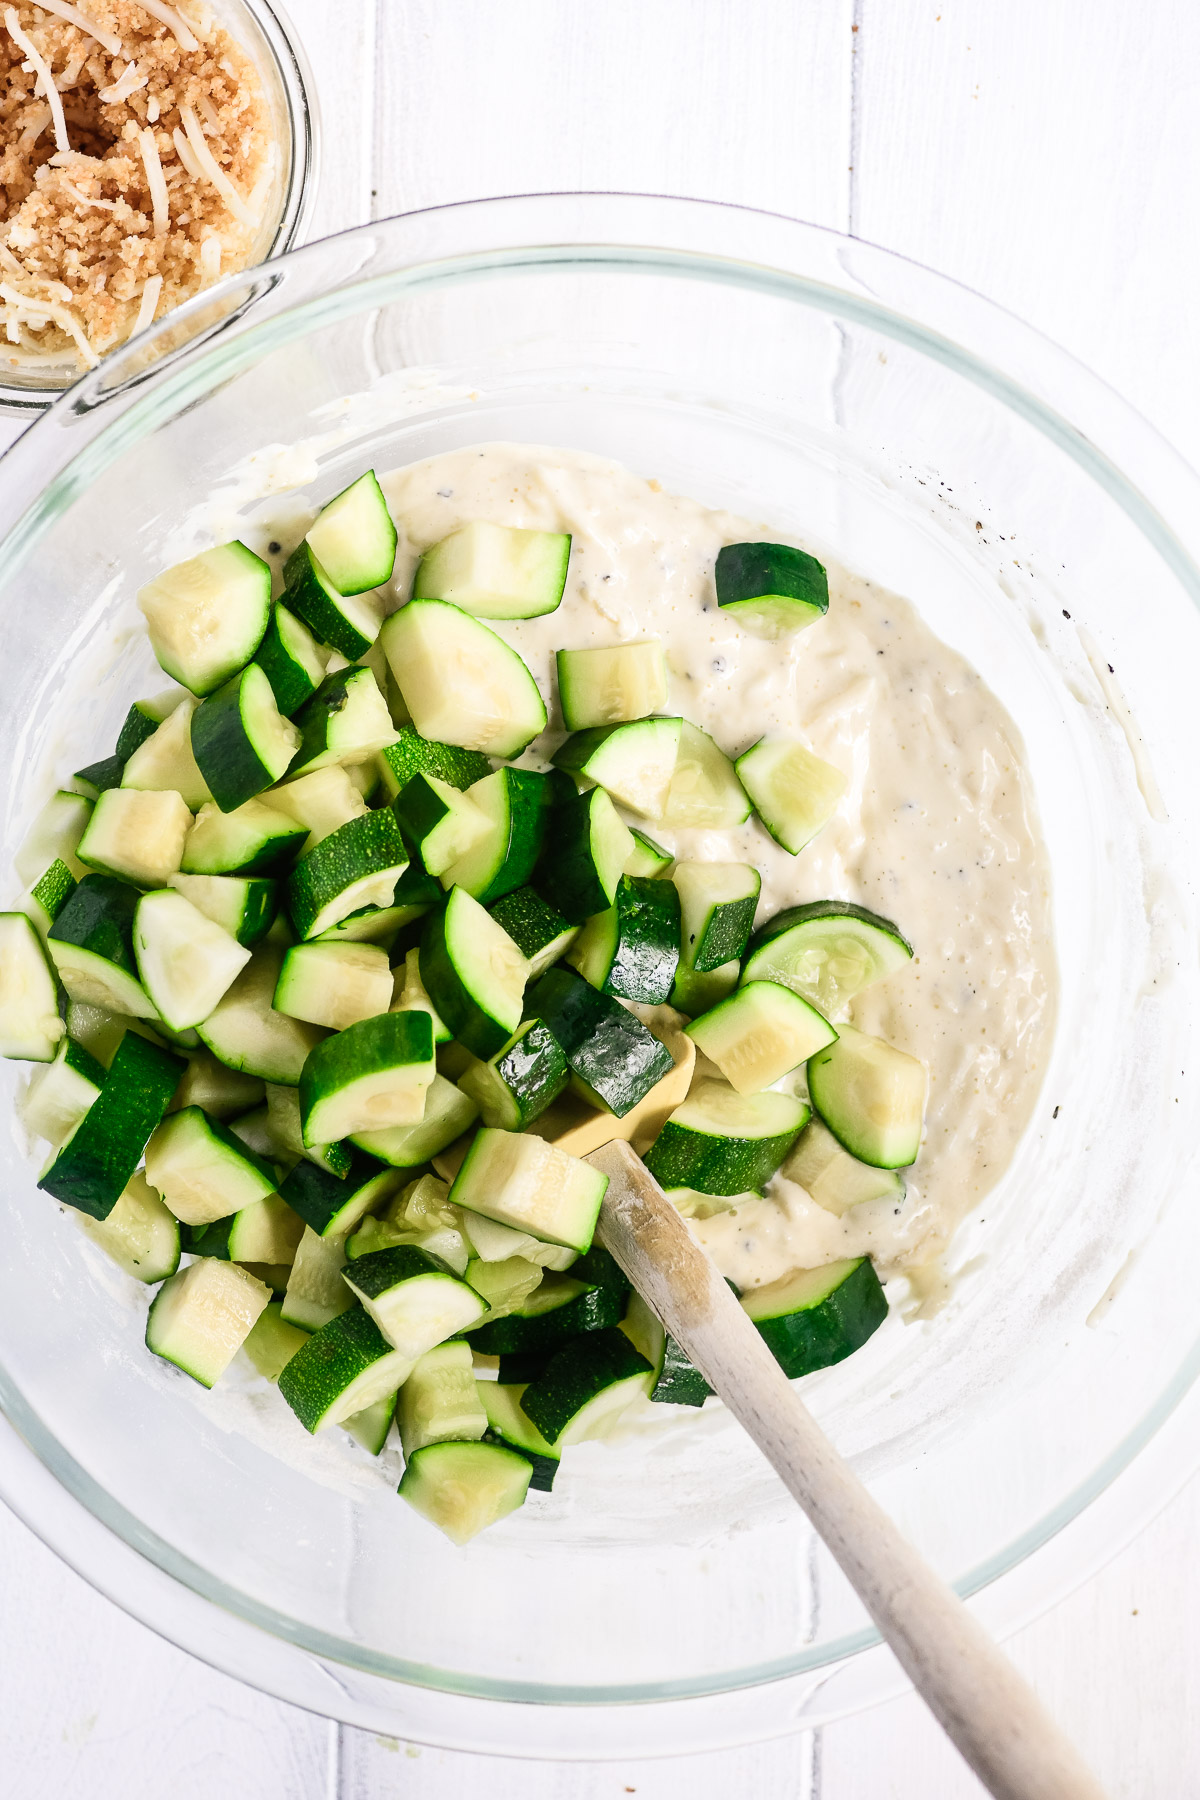 making zucchini casserole